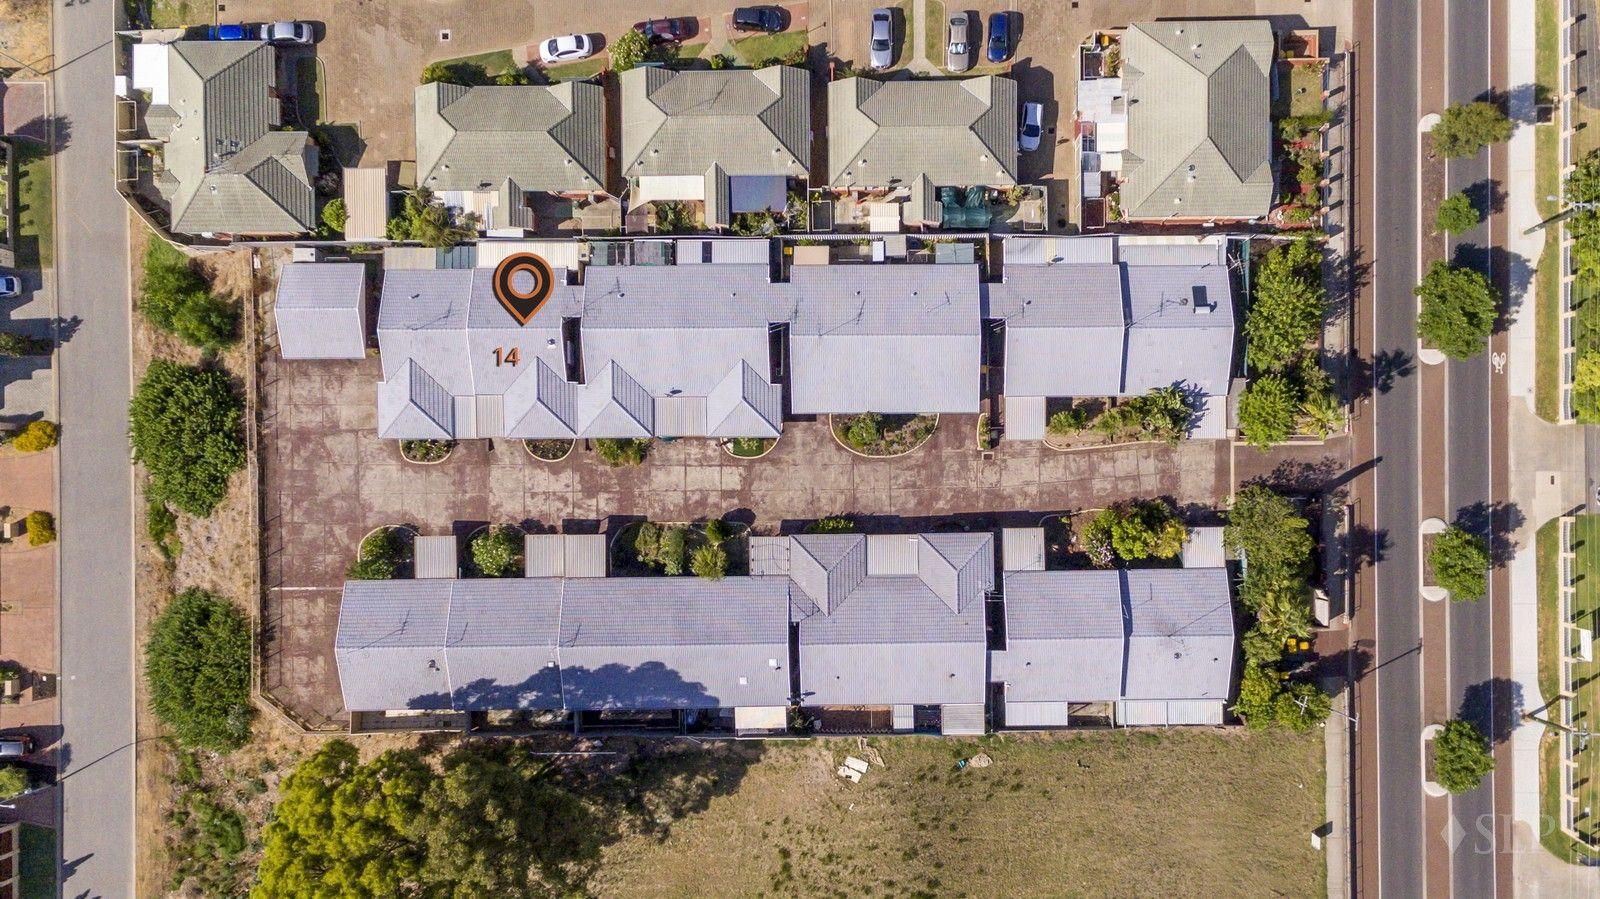 14/160 Mandurah Terrace, Mandurah WA 6210, Image 1